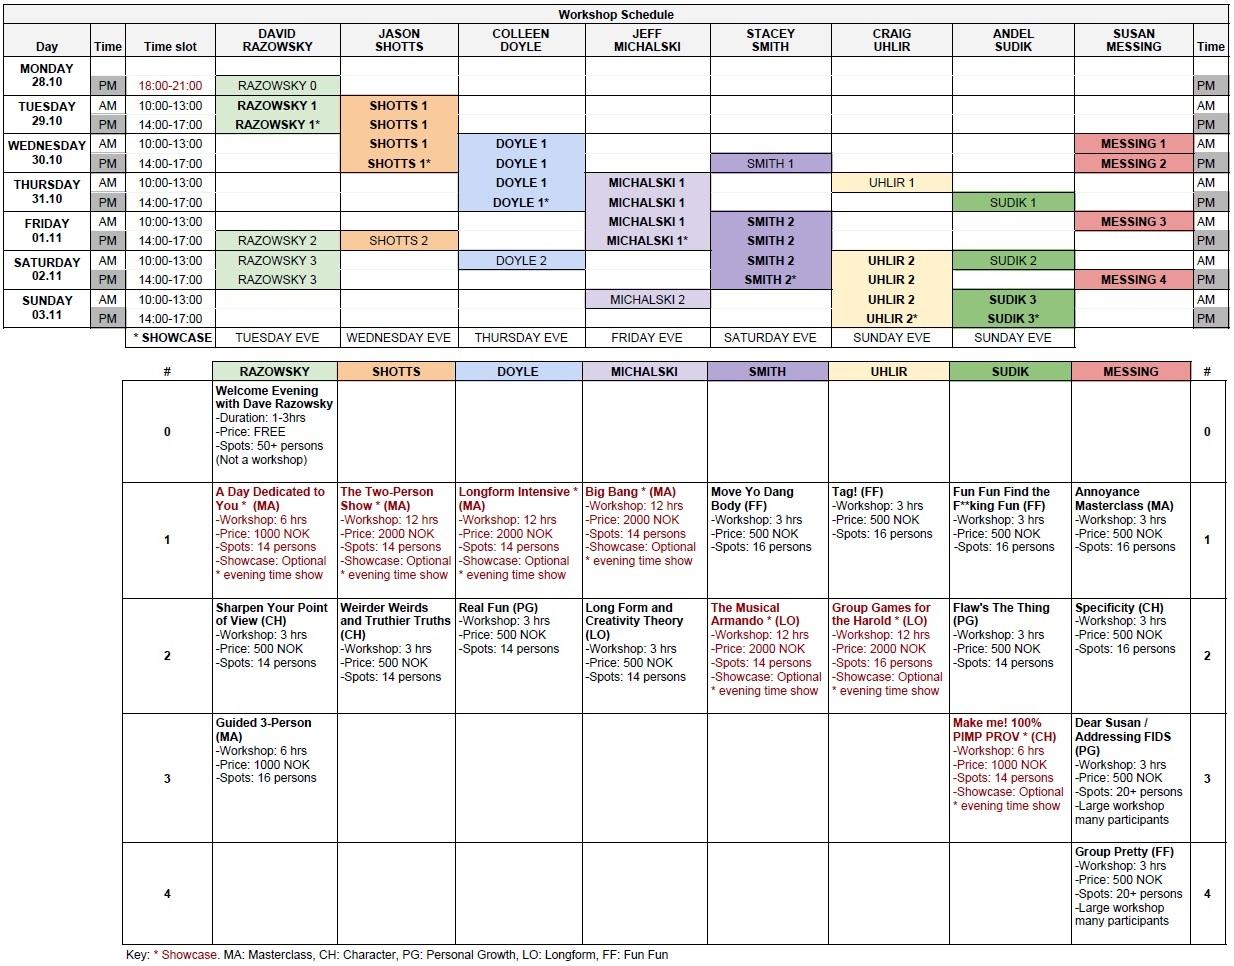 OIF2019_WorkshopSchedule_Update_12082019.jpg